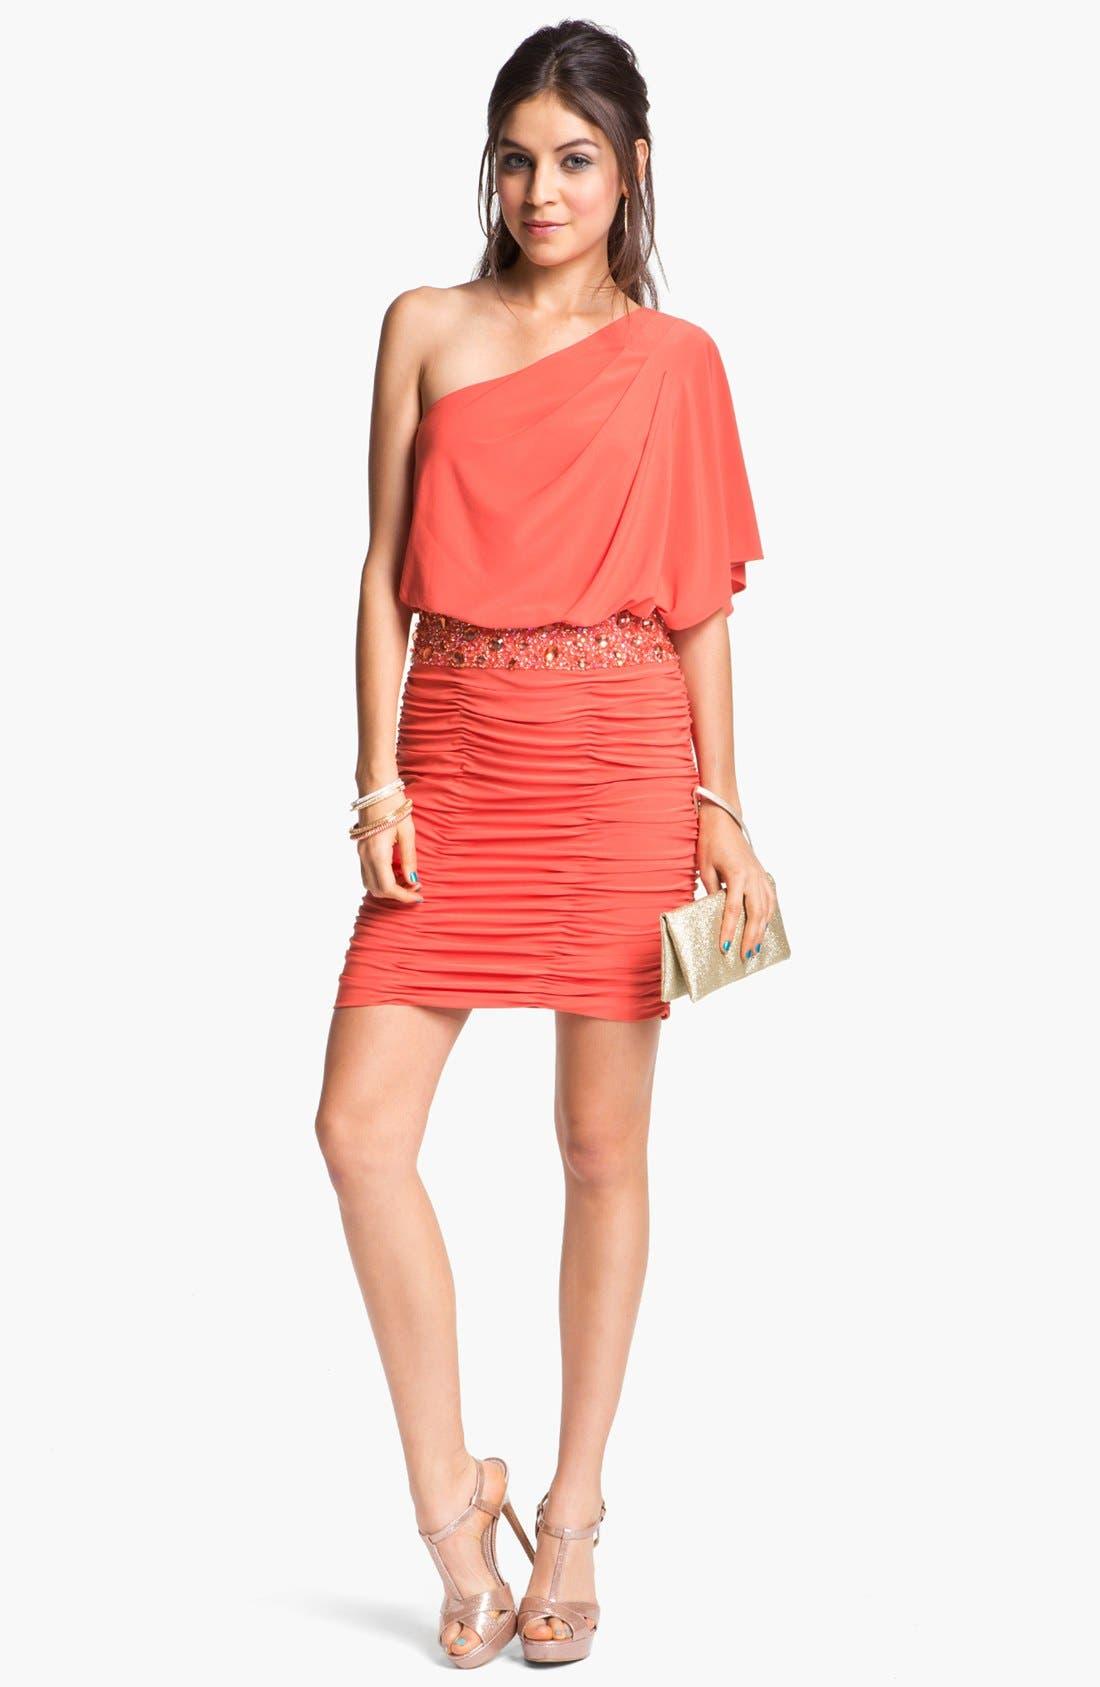 Alternate Image 1 Selected - JS Boutique Embellished One Shoulder Blouson Dress